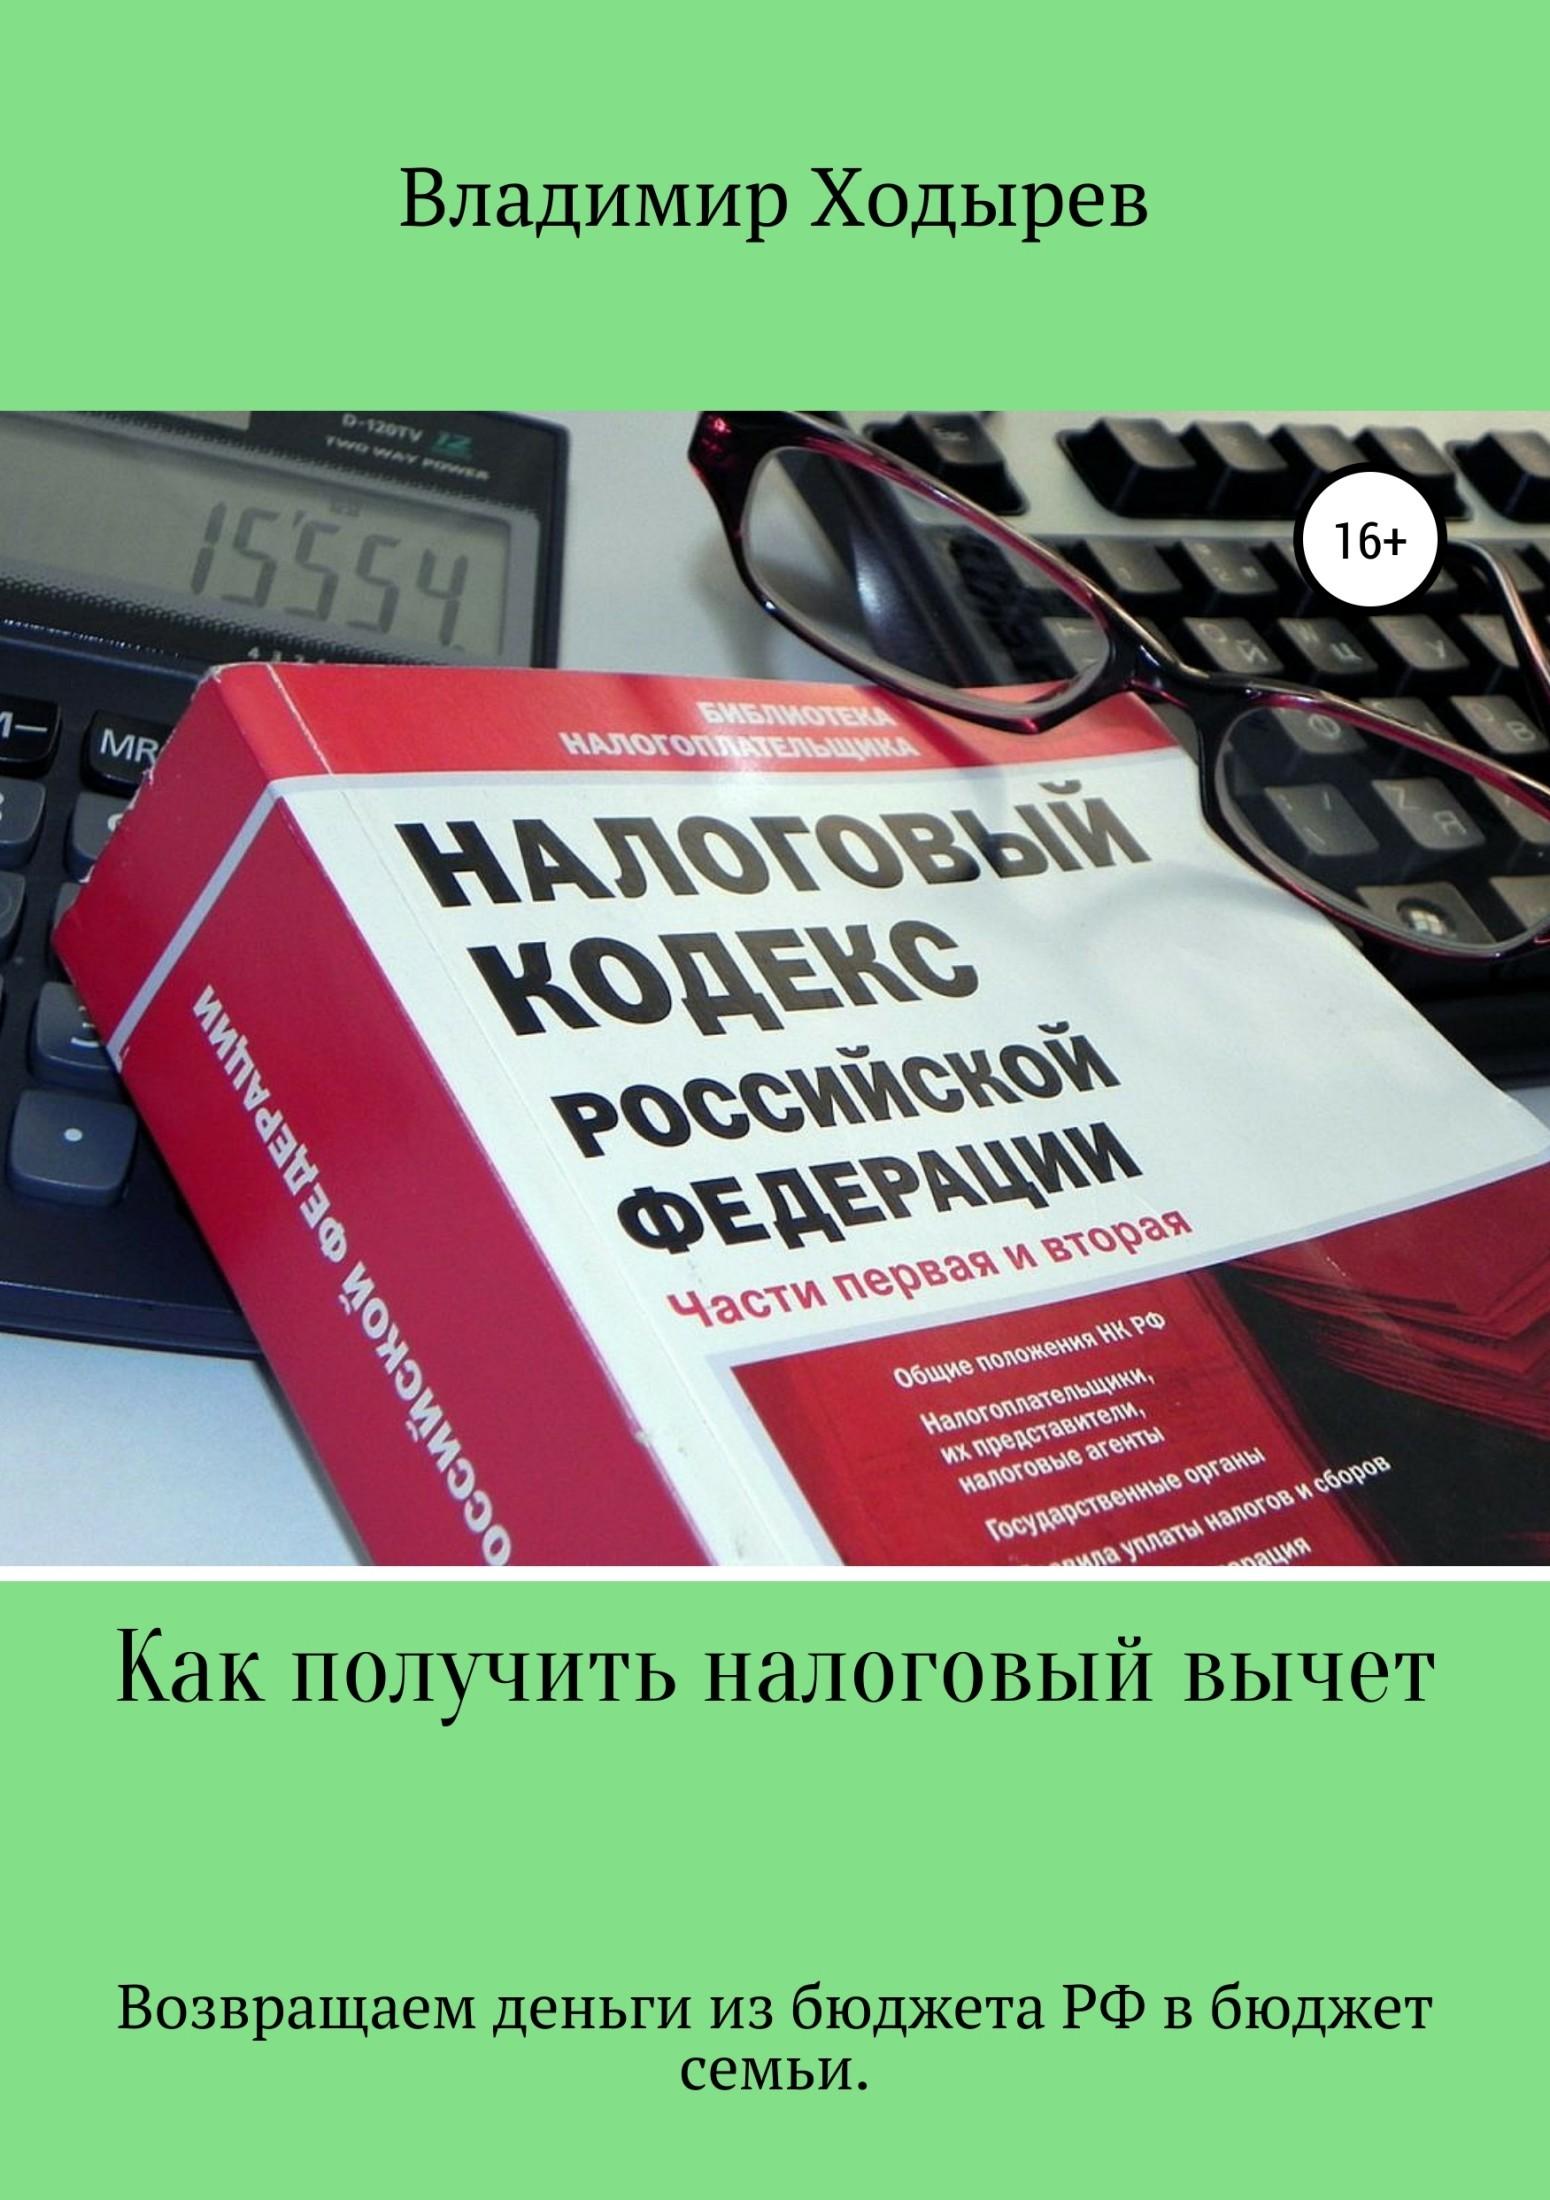 Обложка книги Как получить налоговый вычет